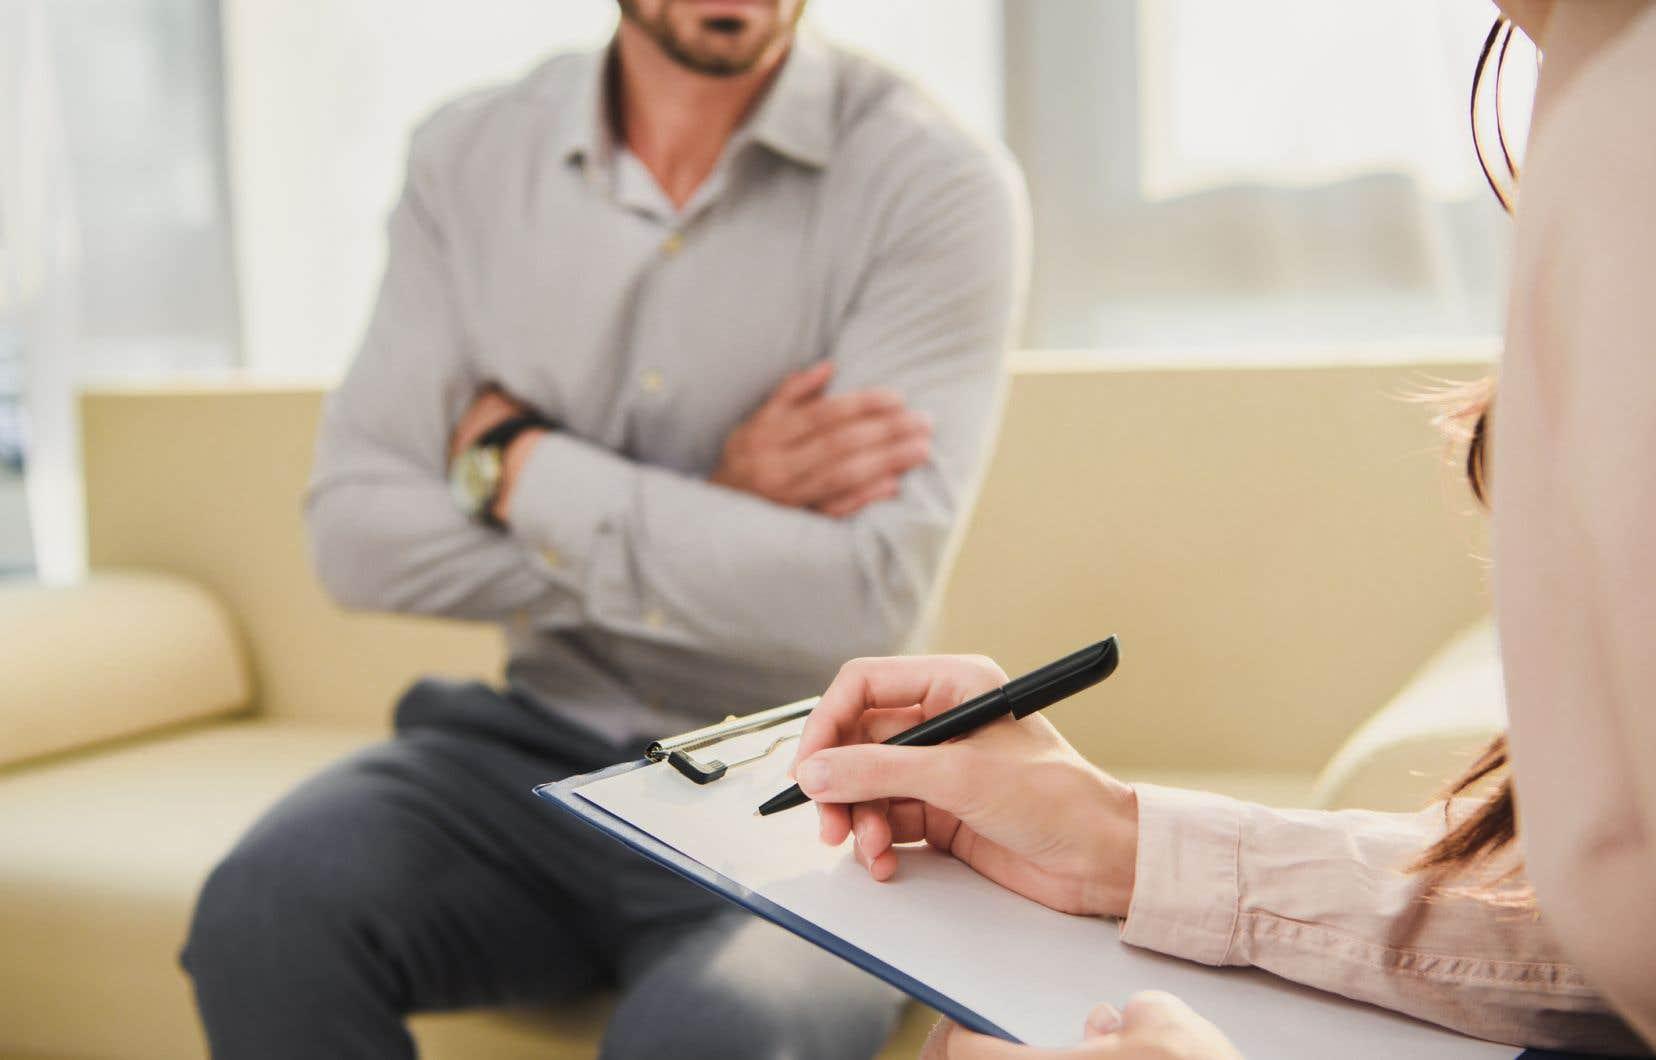 L'APTS compte 60 000 membres du secteur de la santé et des services sociaux, dont les psychologues.